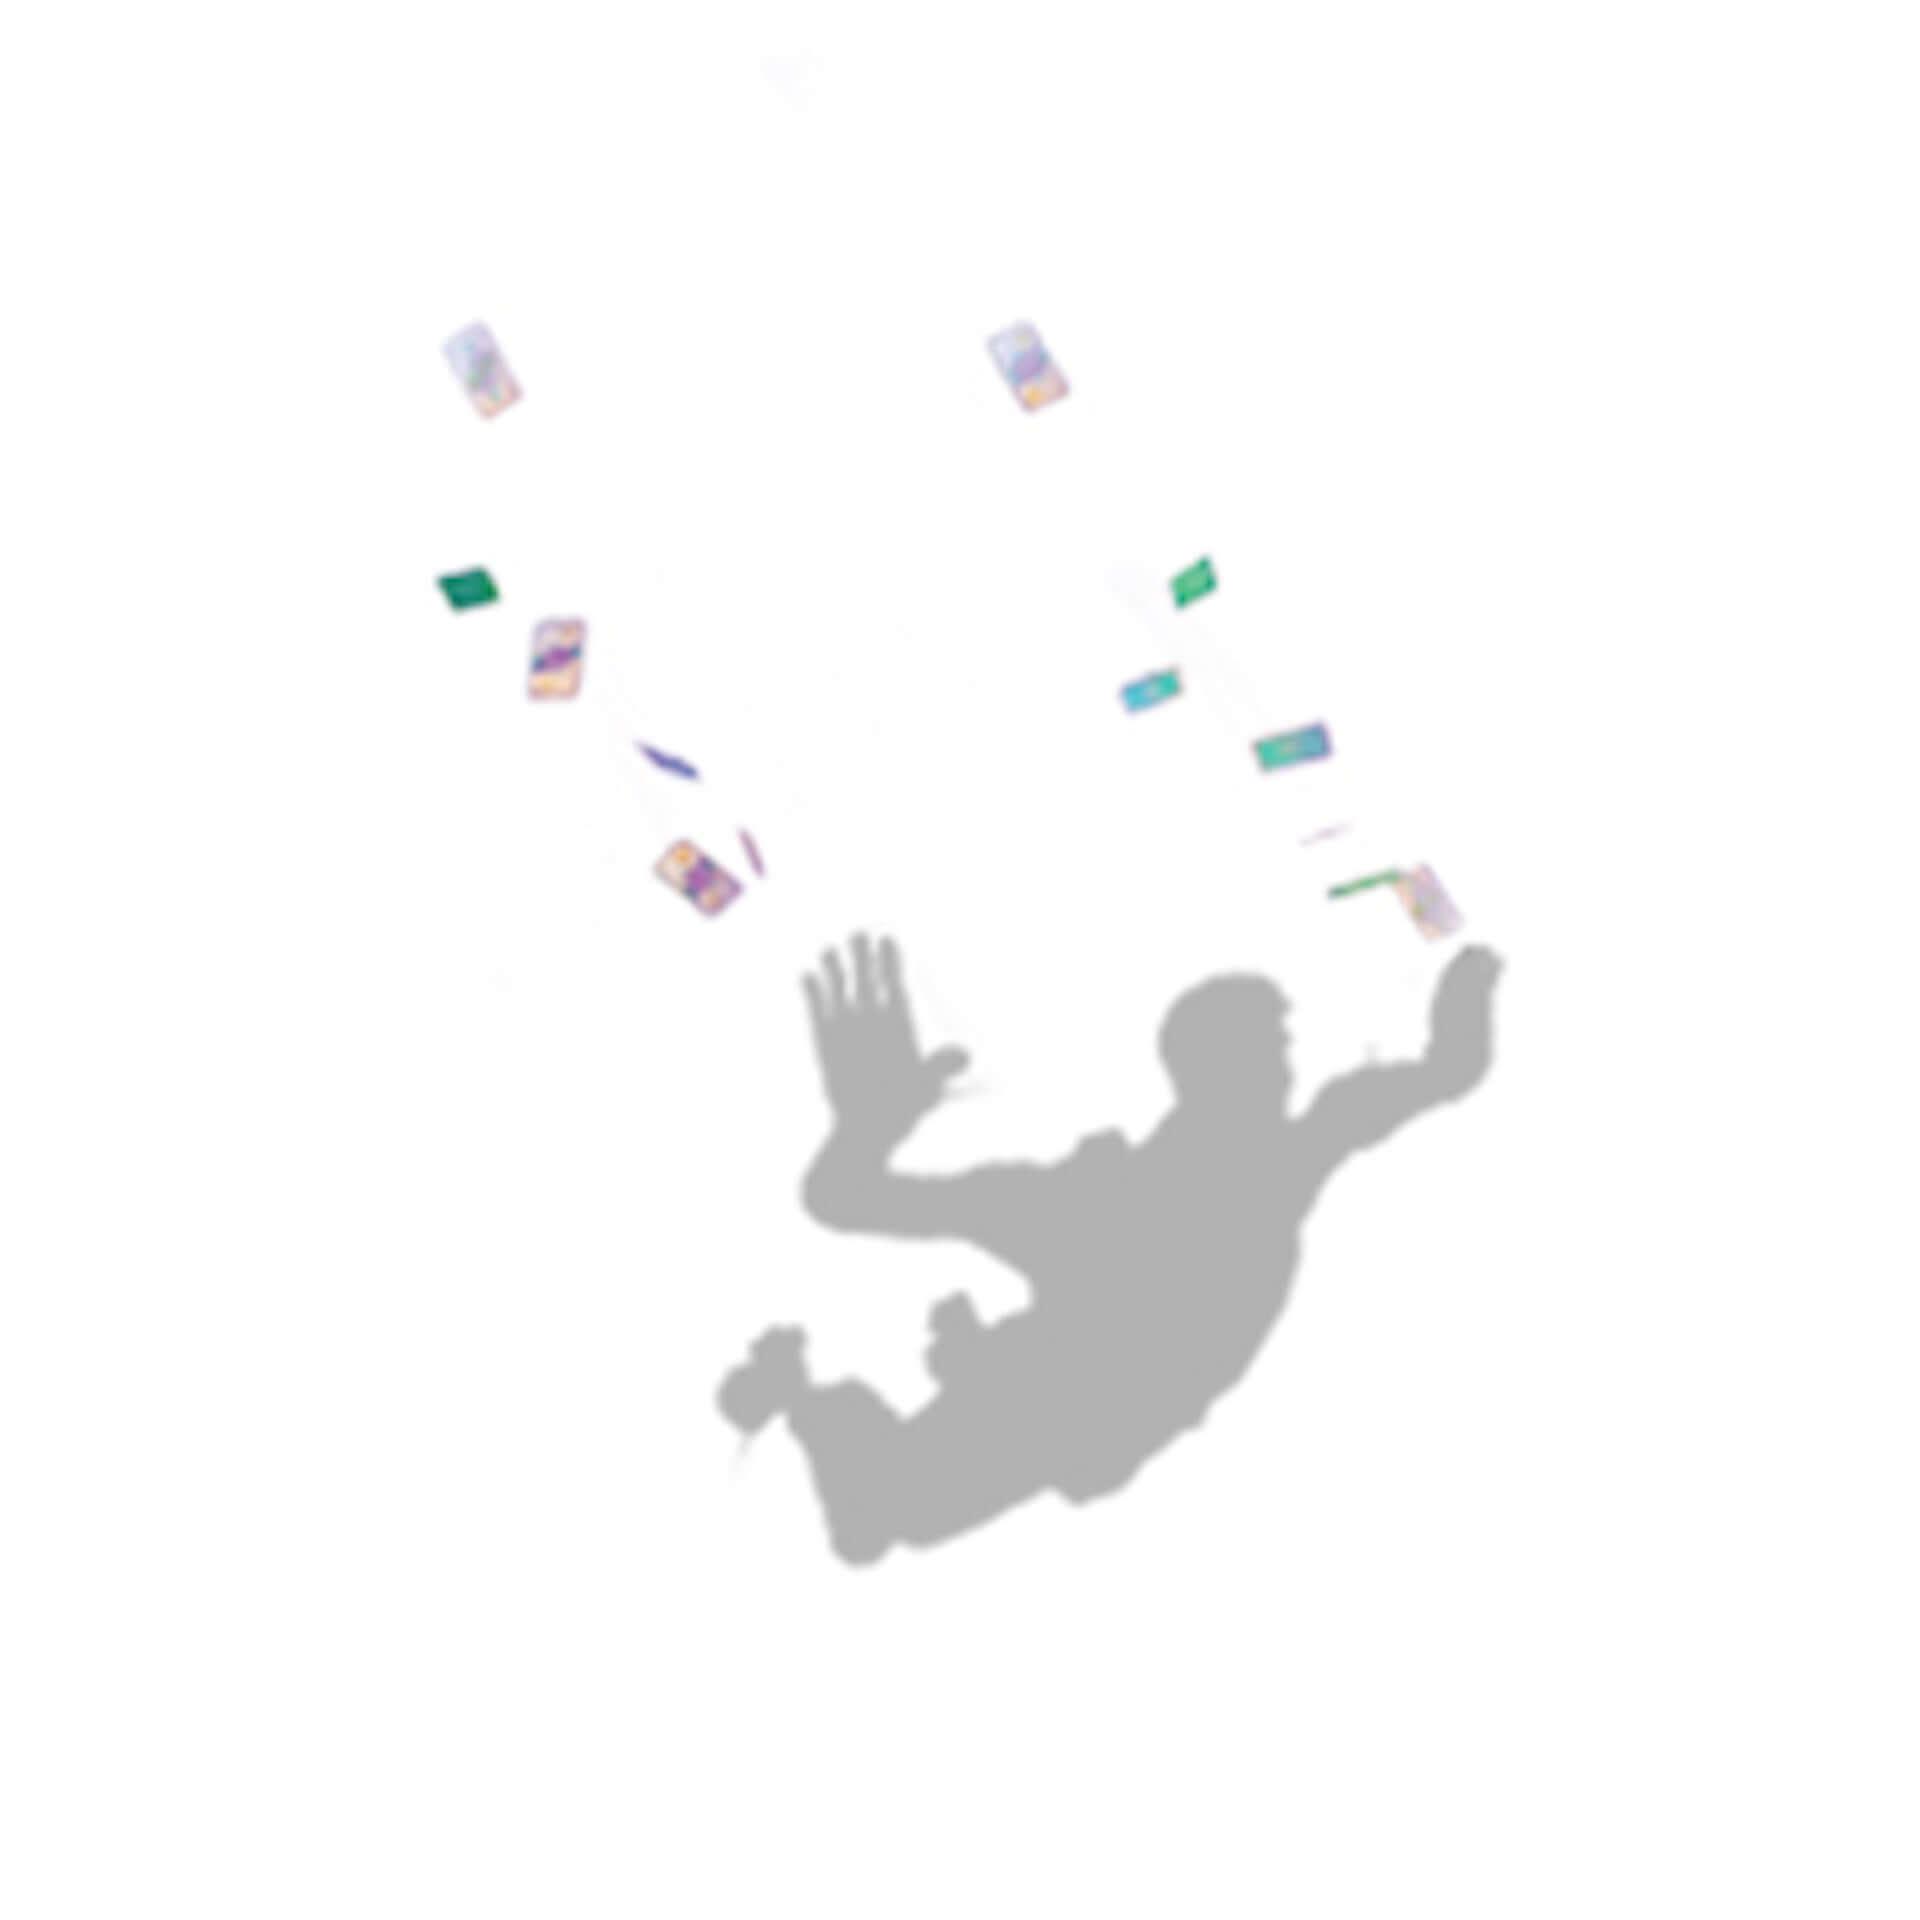 『フォートナイト』の最新バンドル「ラスト・ラフ バンドル」がPlayStation 4&5、Nintendo Switch向けに本日発売!スペシャルアイテムなど多数収録 art201117_fortnite_12-1920x1920